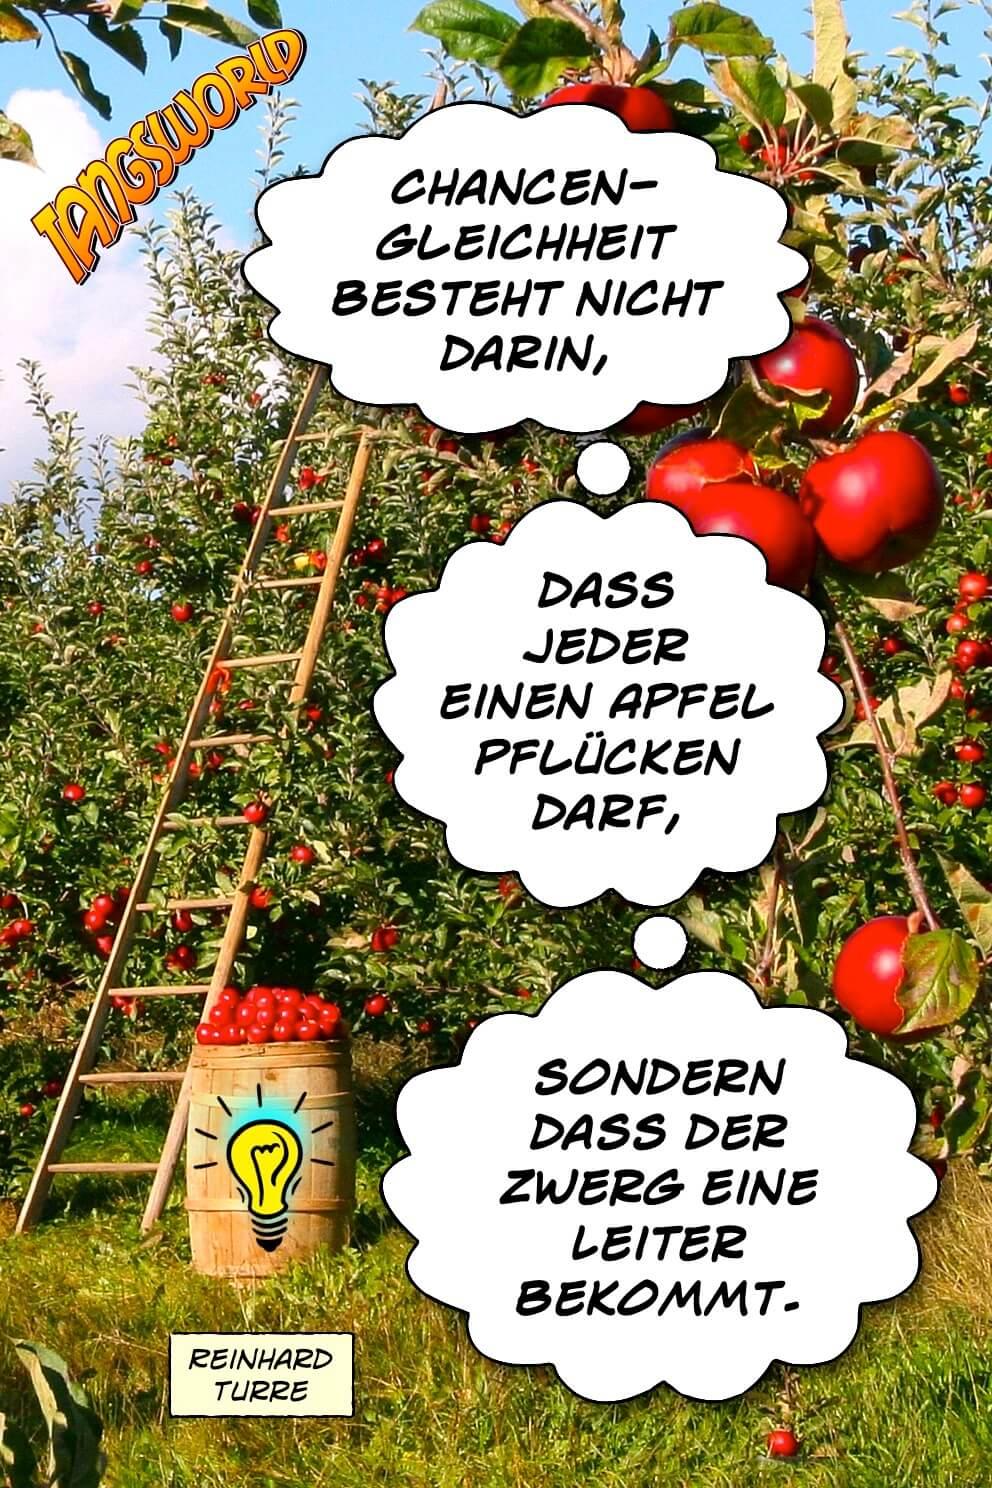 Chancengleichheit besteht nicht darin, dass jeder einen Apfel pflücken darf, sondern dass der Zwerg eine Leiter bekommt. - Geistesblitze | Reinhard Turre